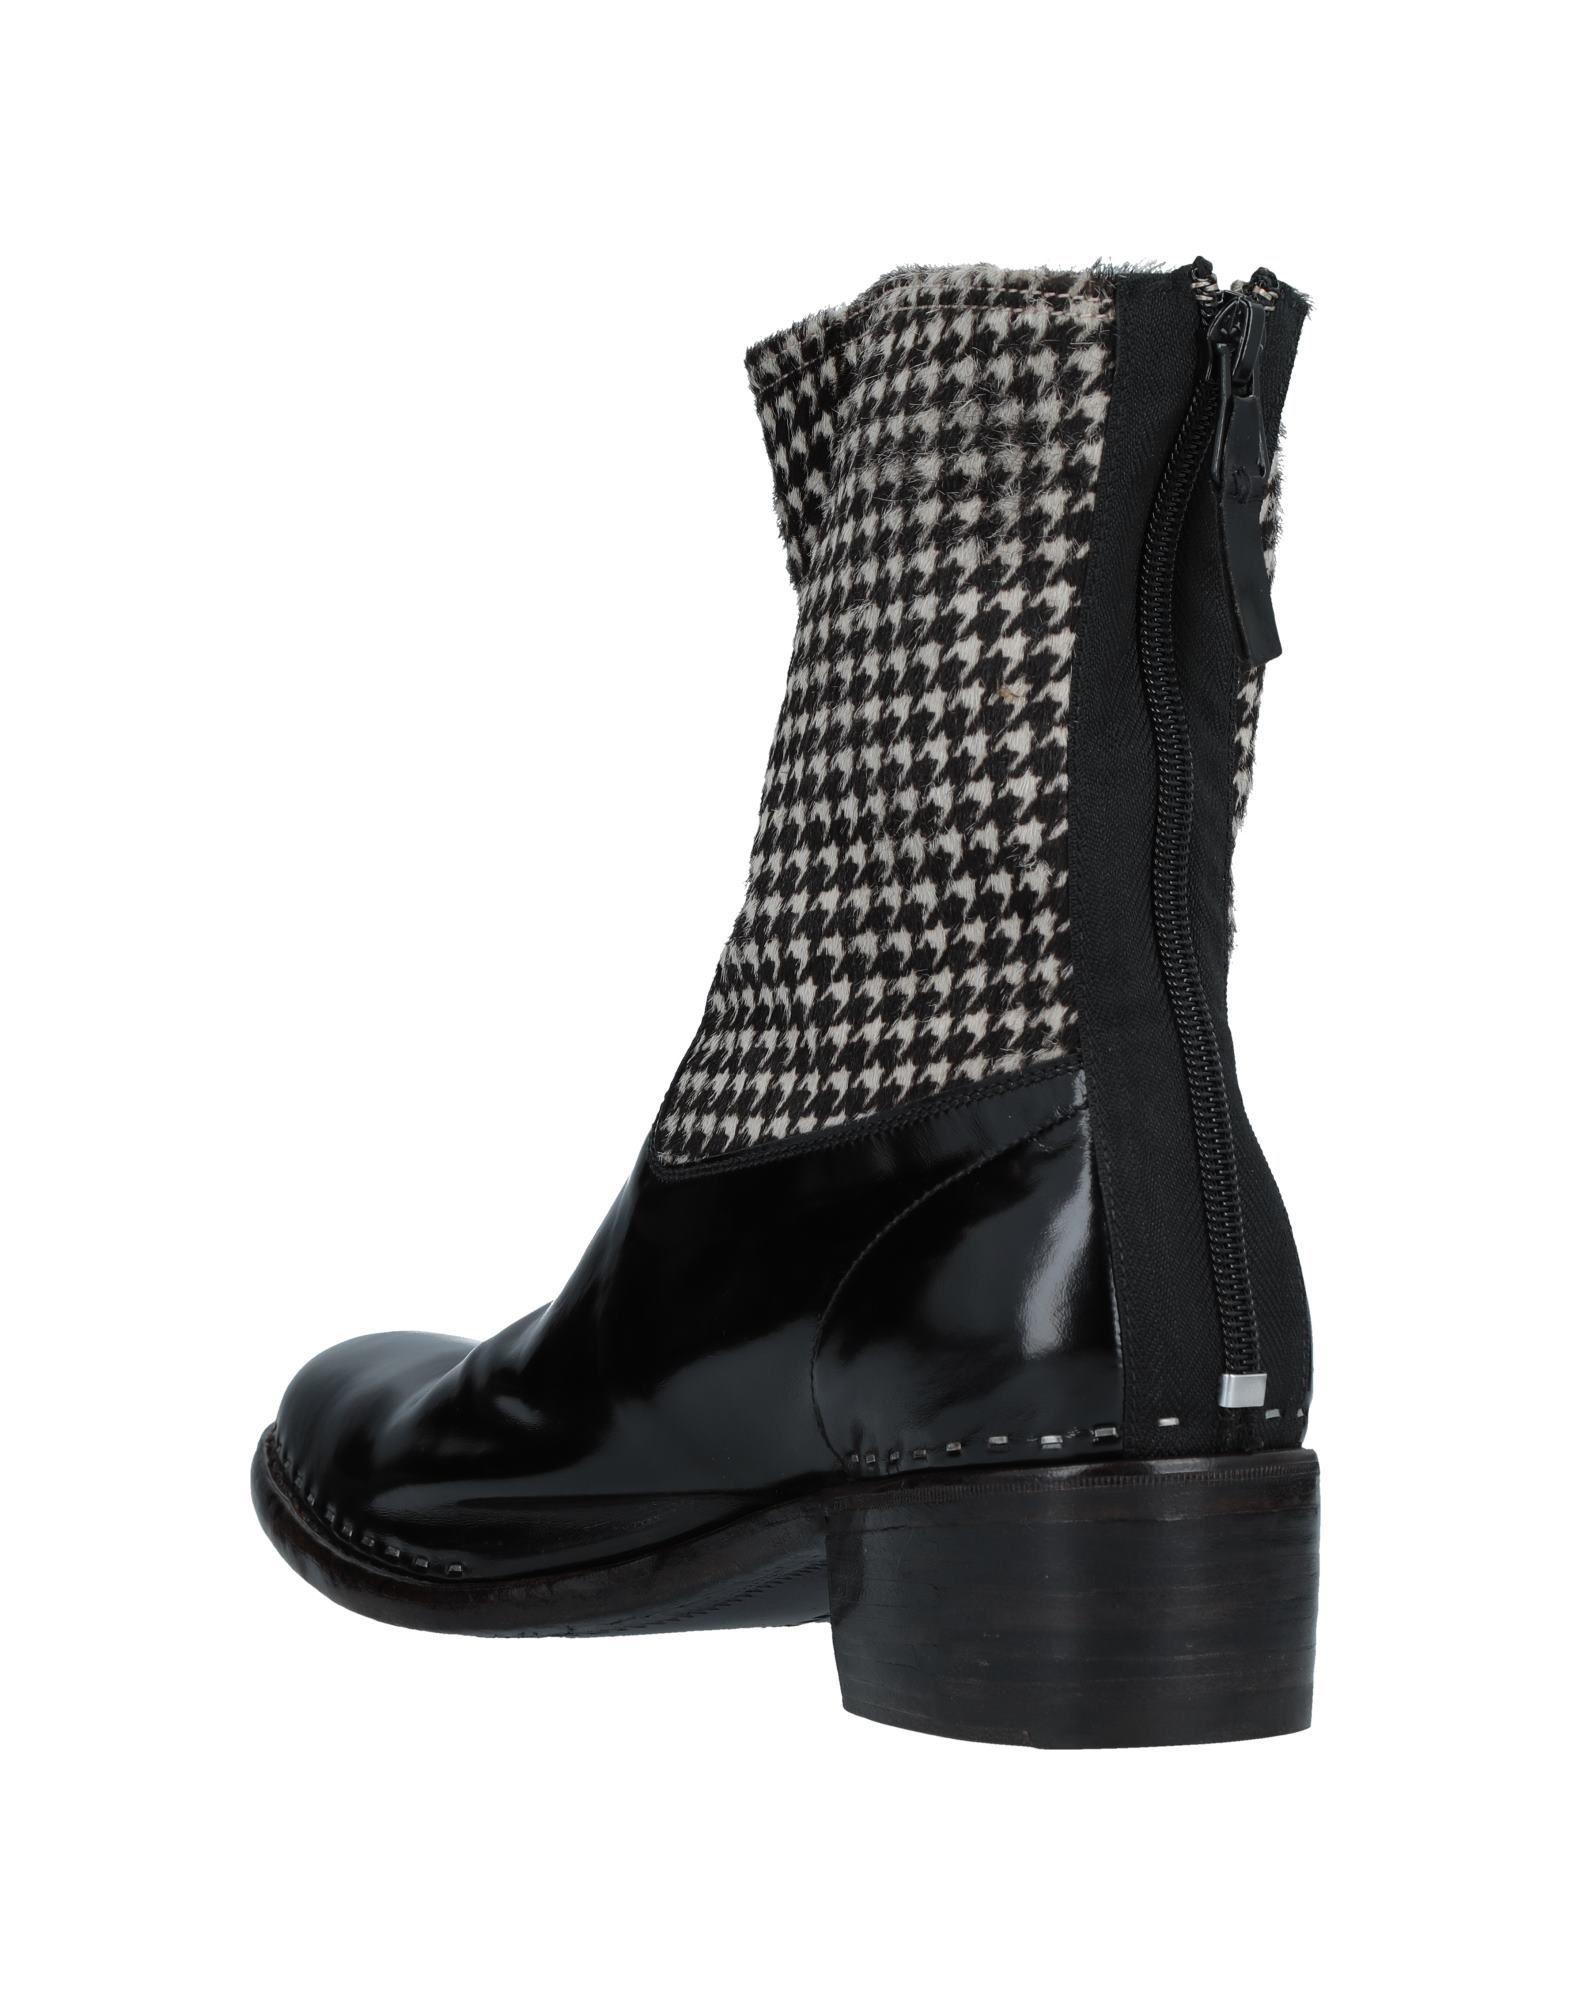 Premiata Stiefelette Herren Qualität  11531093HE Gute Qualität Herren beliebte Schuhe 9b3903